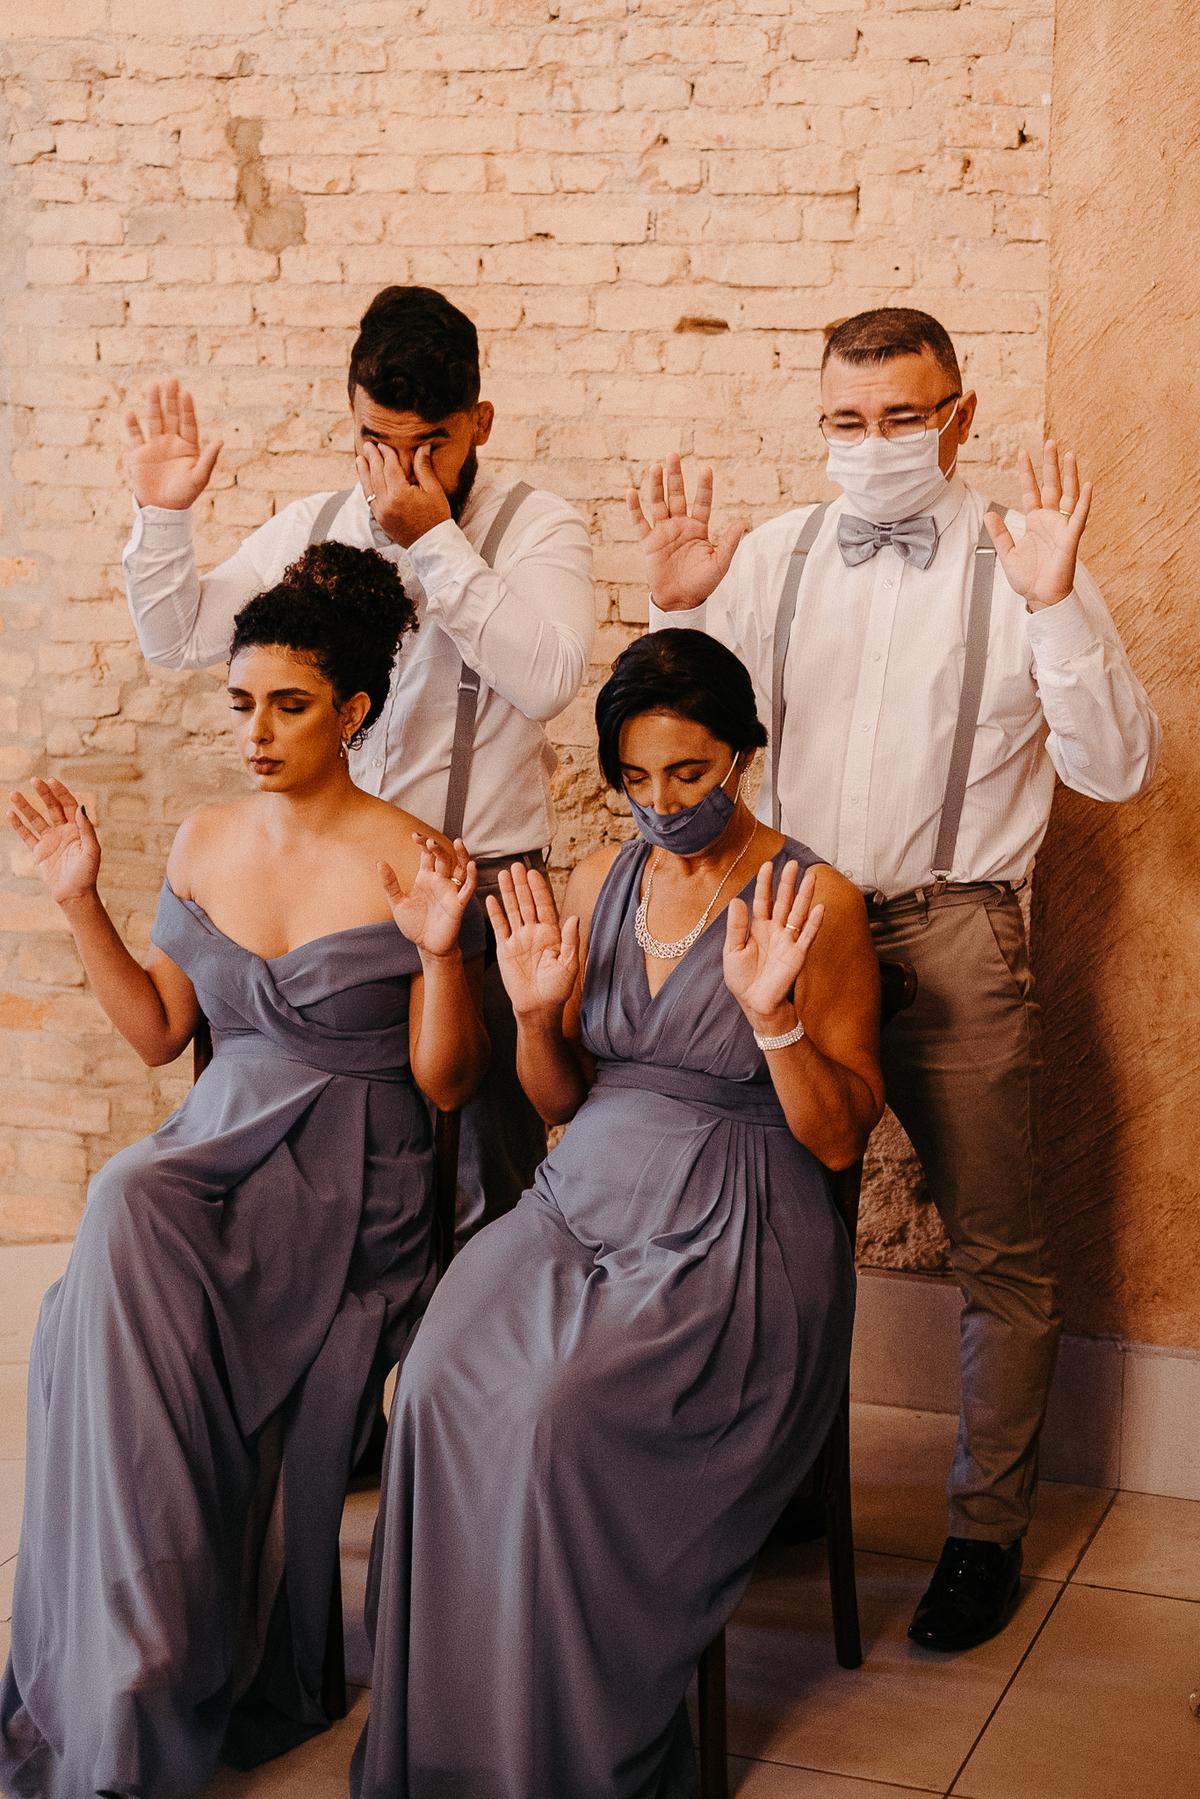 fotografia de casamento noivas 2022 casar no campo traje de noivo casal sorrindo cerimonia mansao ferrara fotos por caio henrique